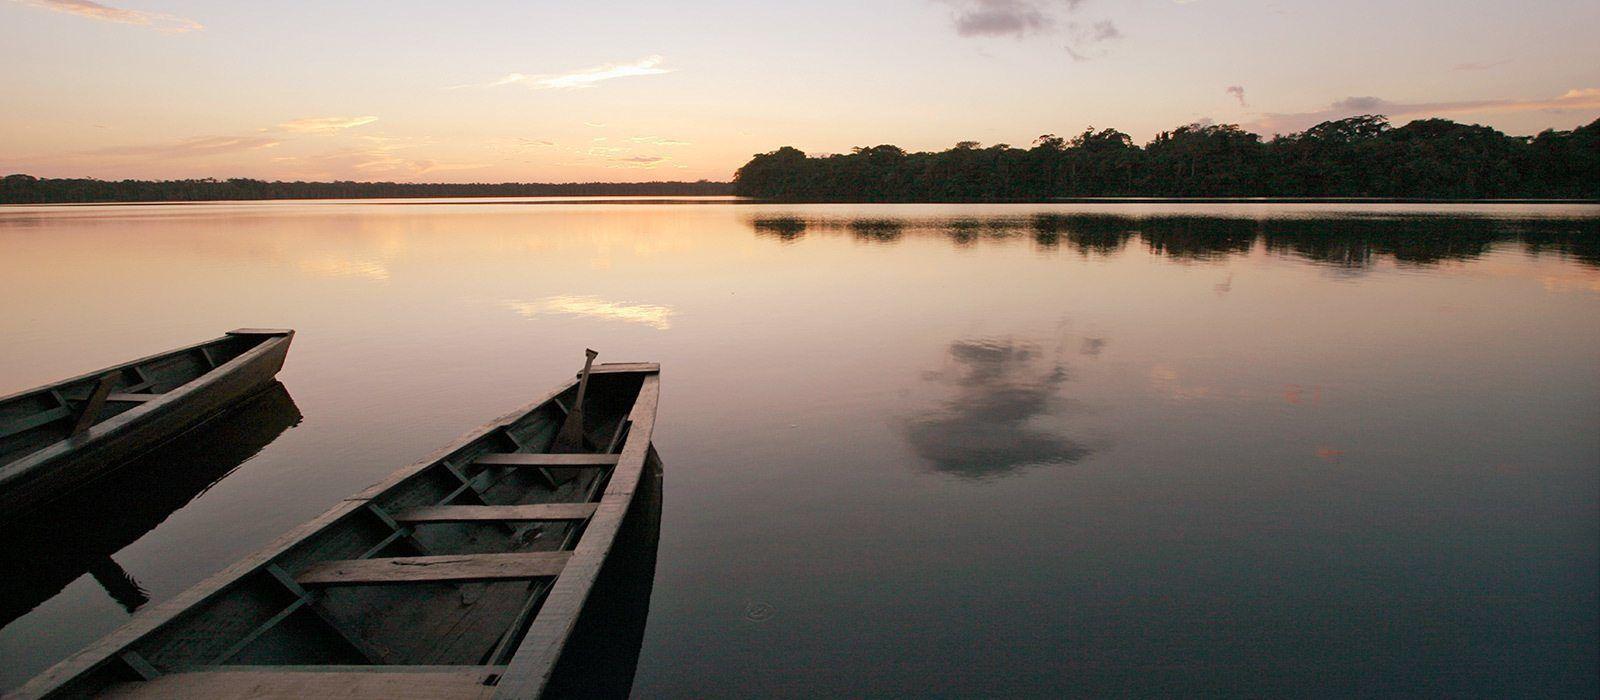 Peru Erlebnisreise: Die Anden und der Amazonas Urlaub 2